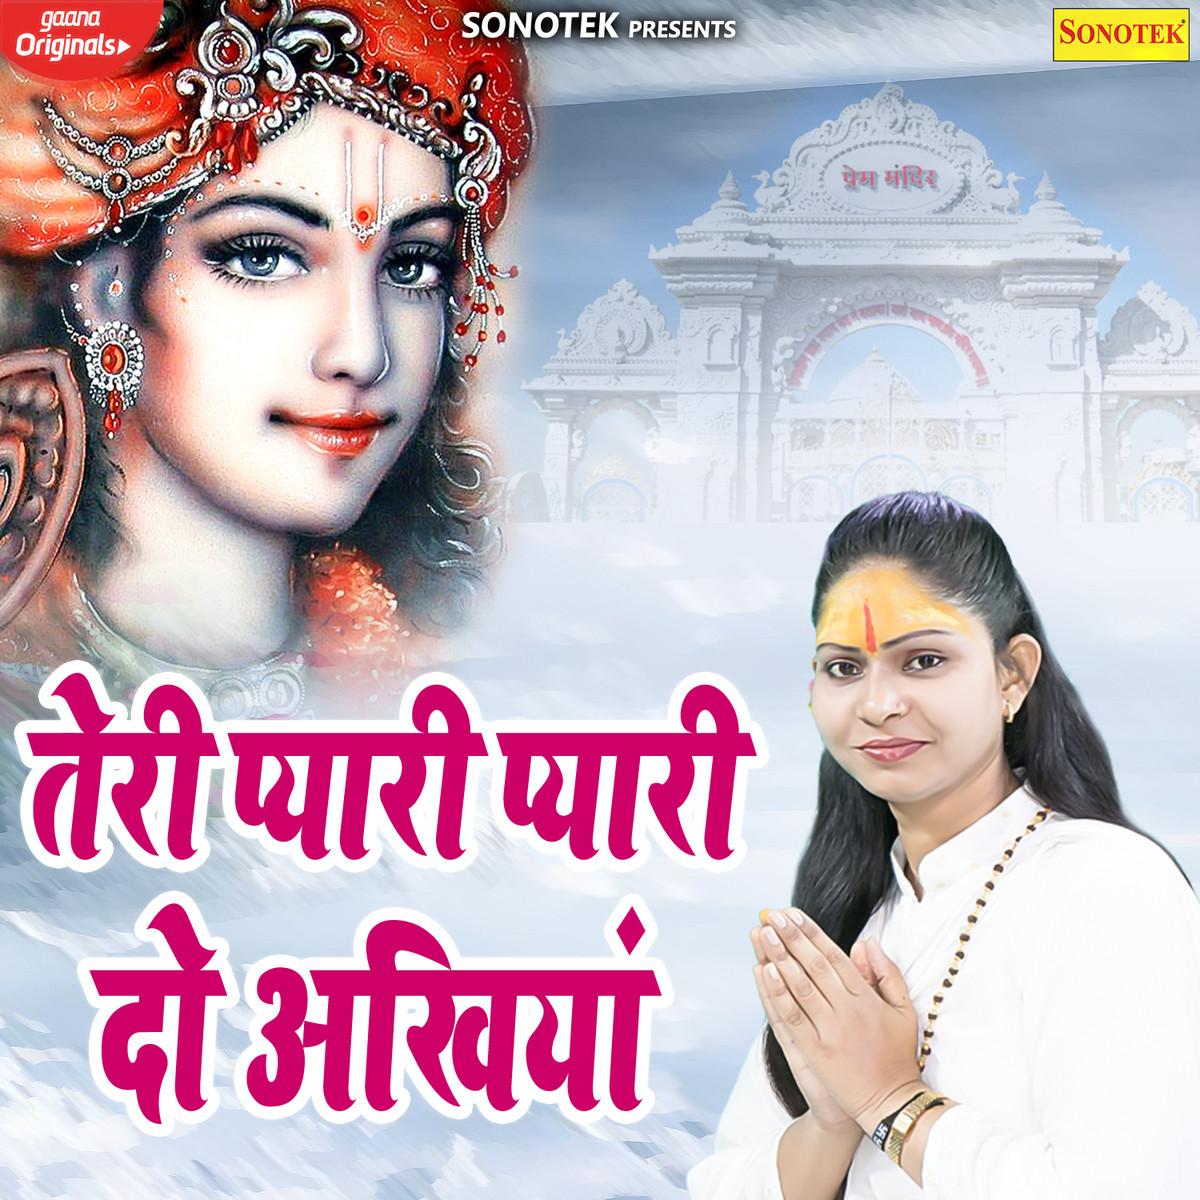 Teri Pyari Pyari Do Akhiyan Song Download Teri Pyari Pyari Do Akhiyan Mp3 Song Online Free On Gaana Com